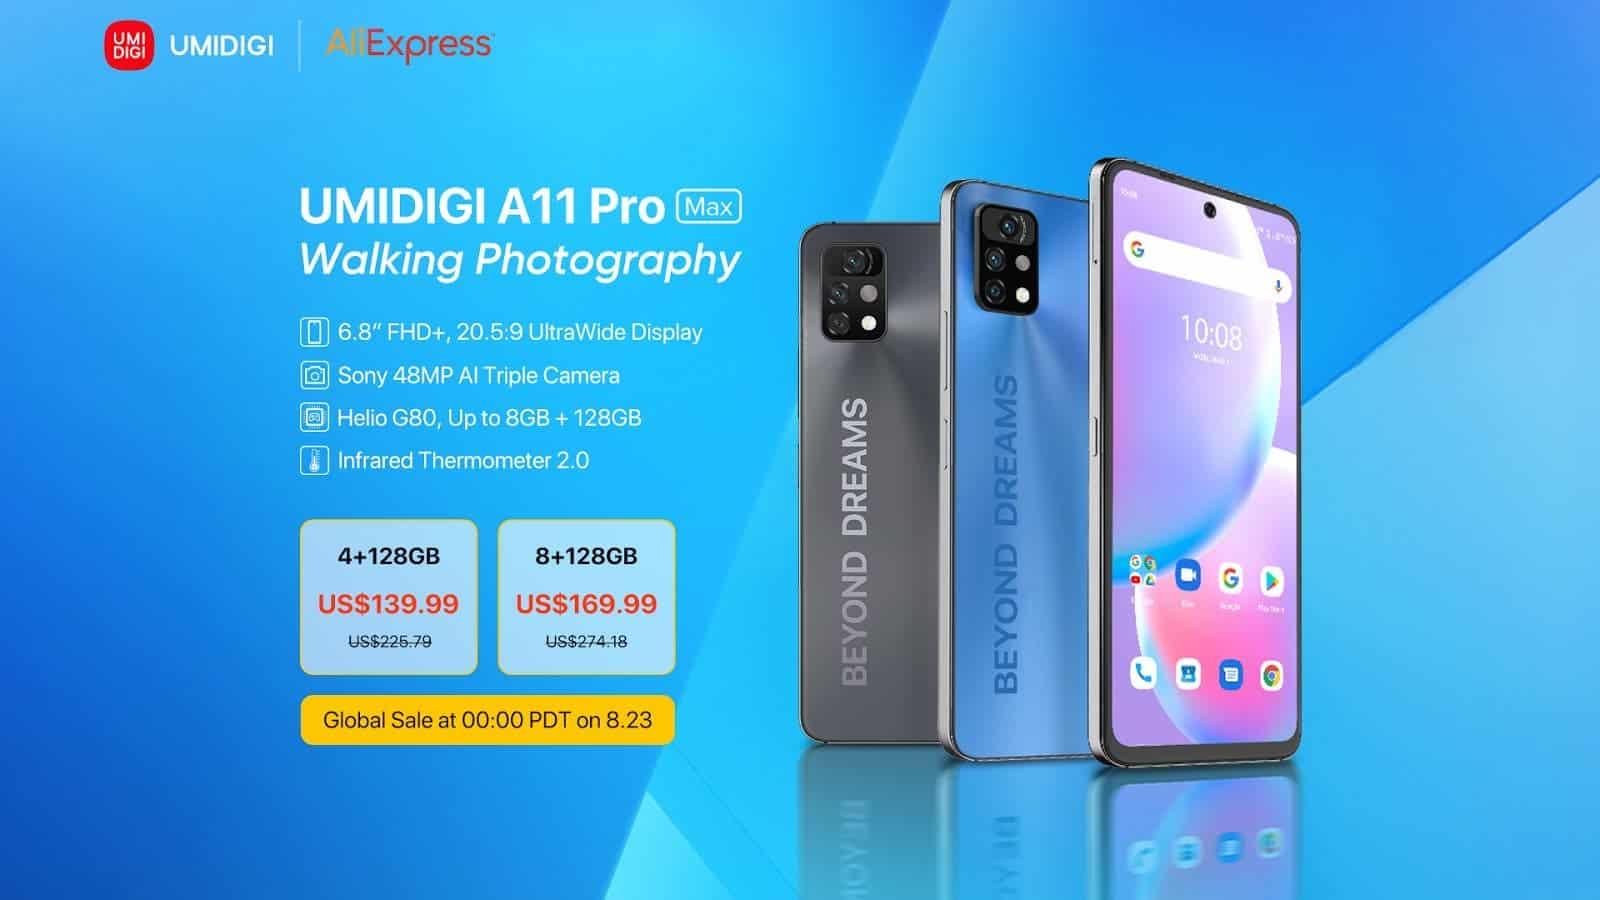 Встречайте UMIDIGI A11 Pro Max: Тройная камера Sony 48MP AI